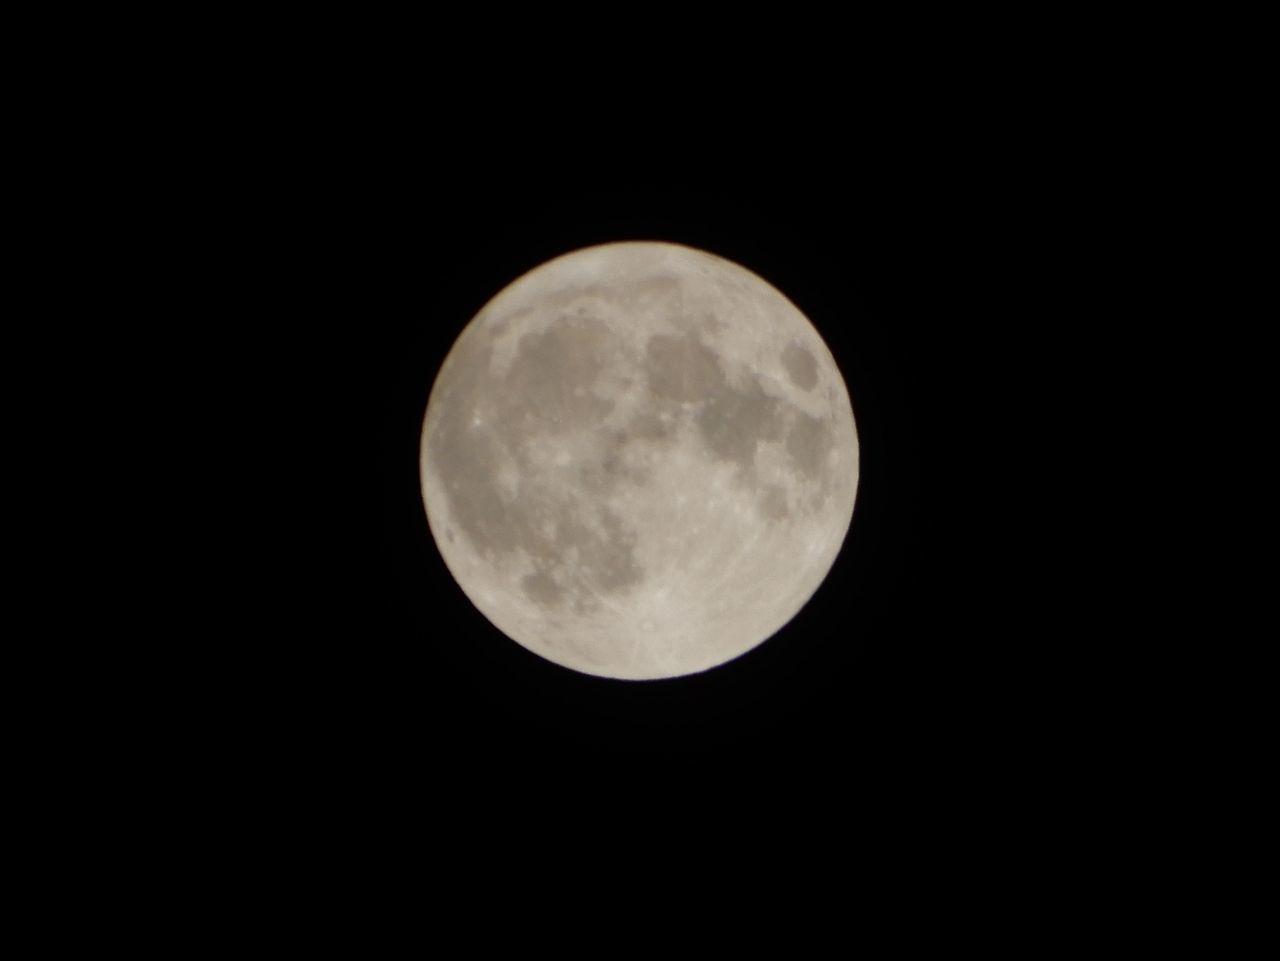 ハロウィーン、満月、ブルームーン、マイクロムーン、となりに火星_c0025115_22383617.jpg